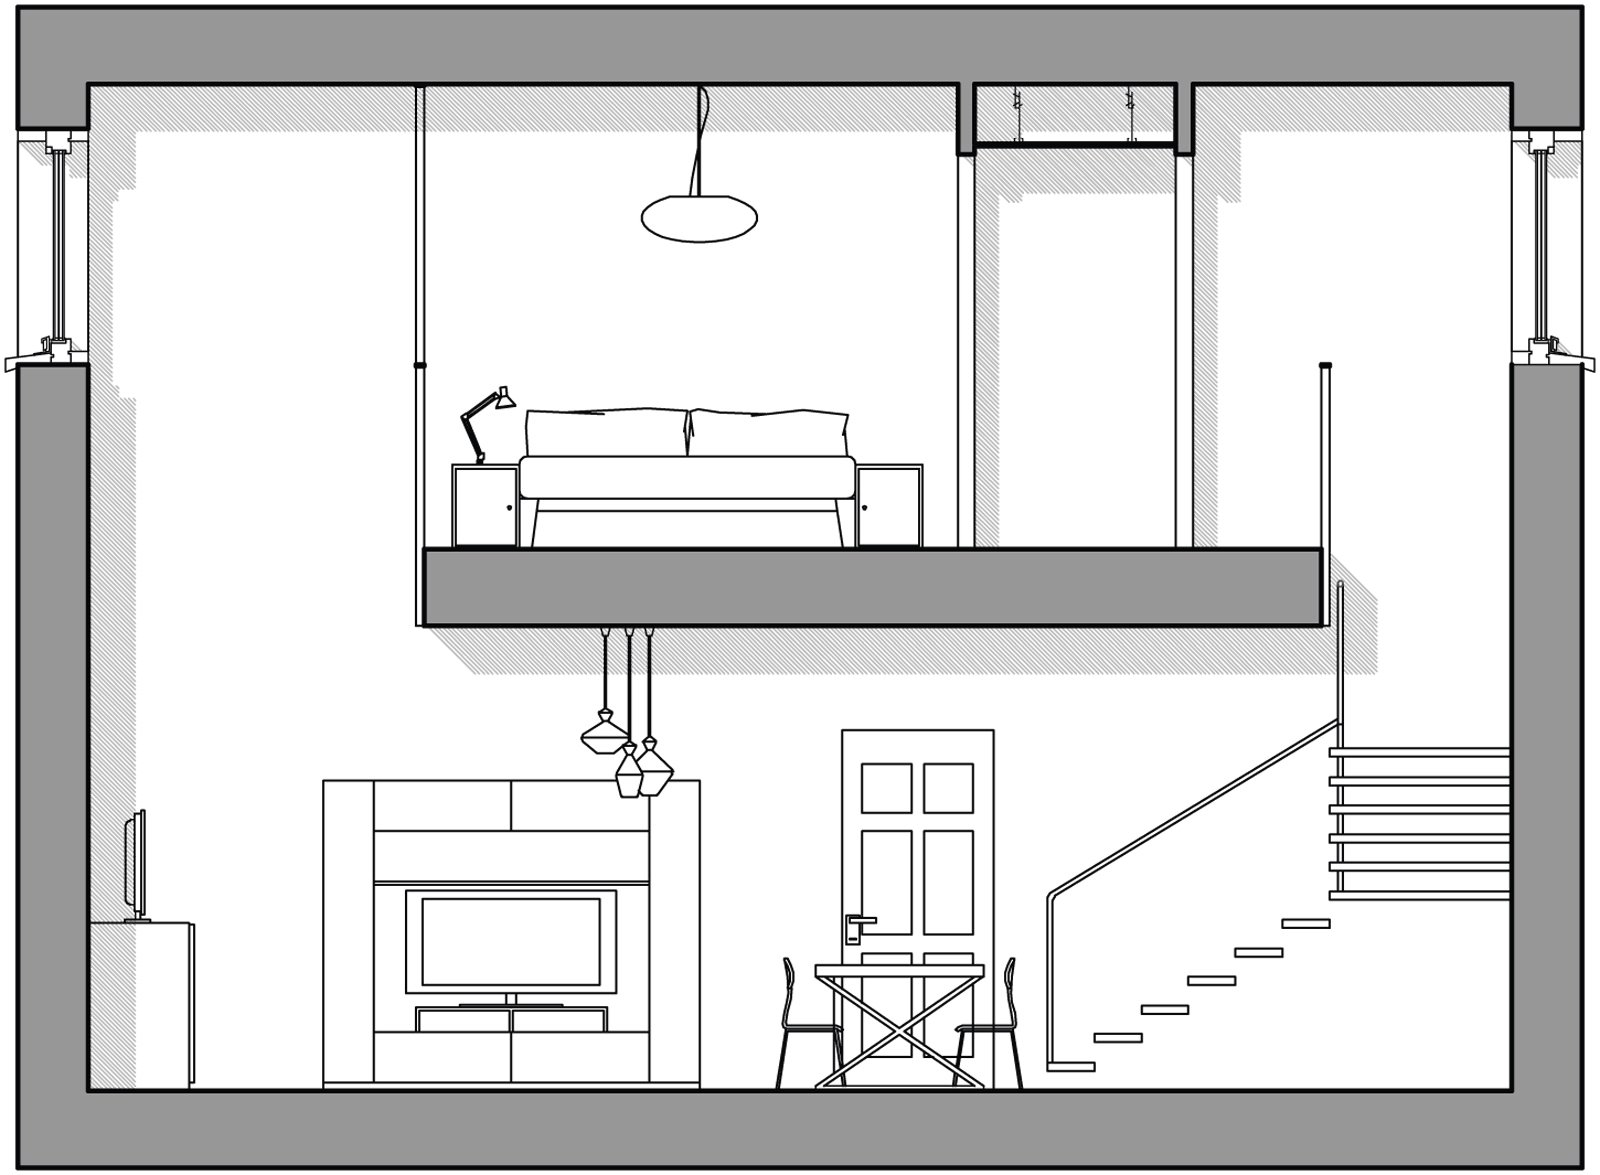 Pi luce 10 idee per moltiplicarla cose di casa - Come comprare casa senza soldi da parte ...